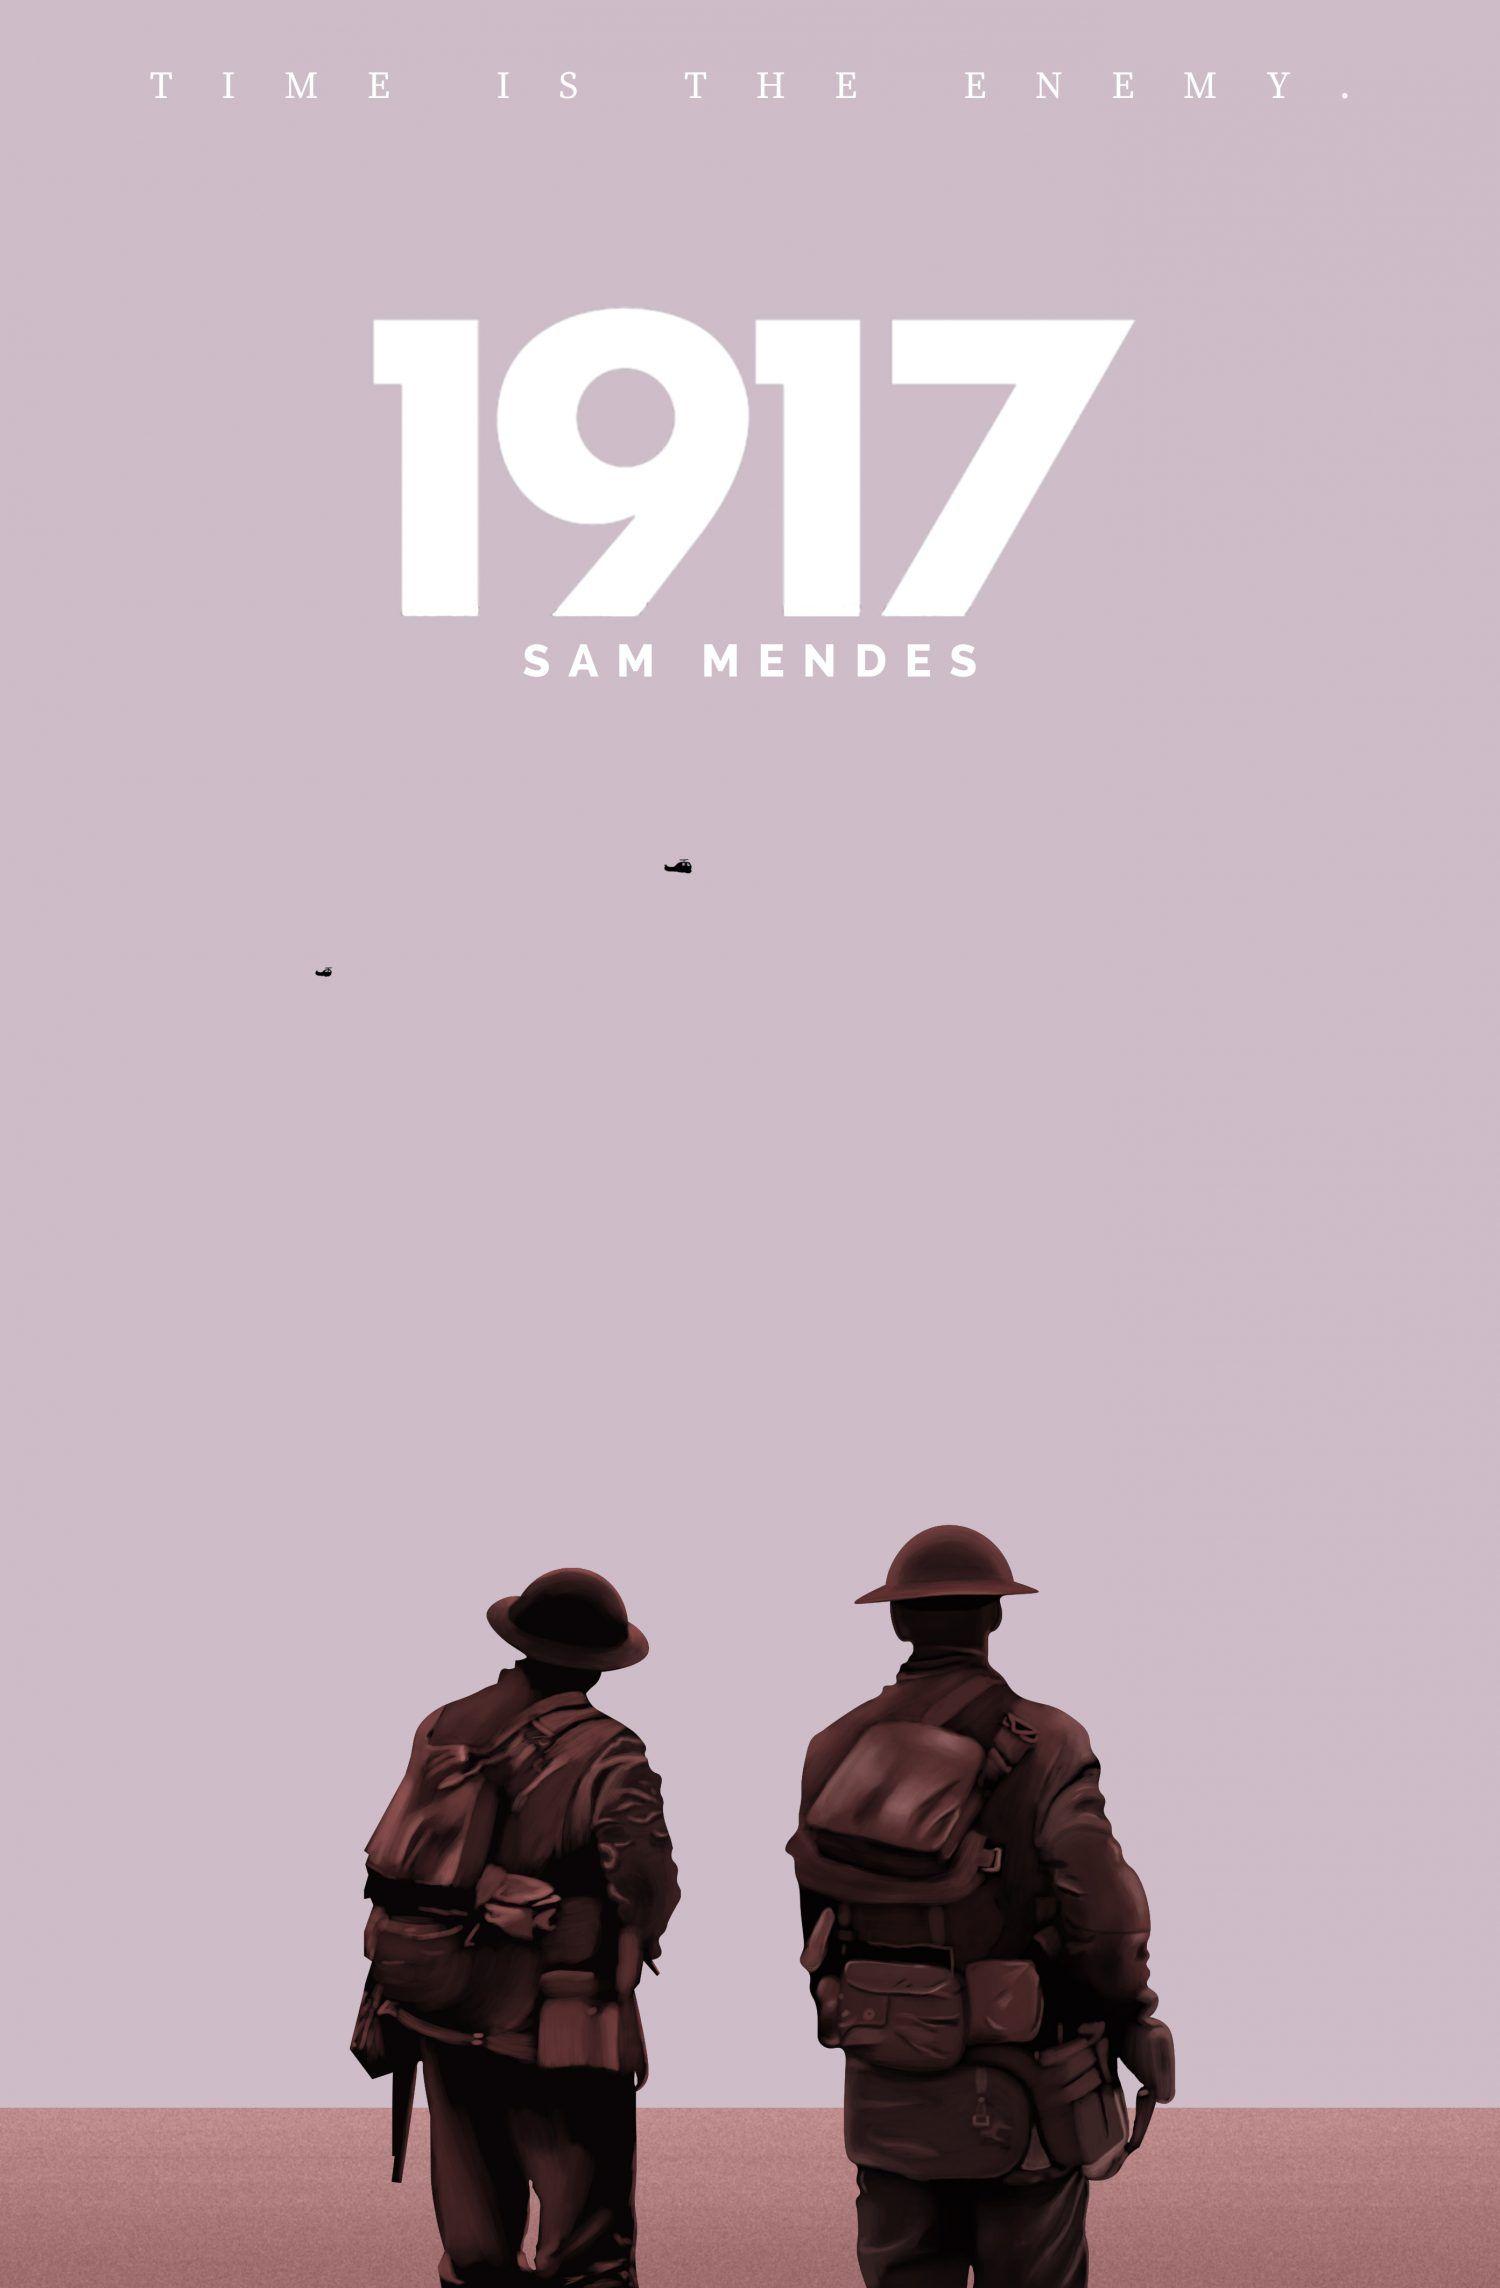 1917 - PosterSpy